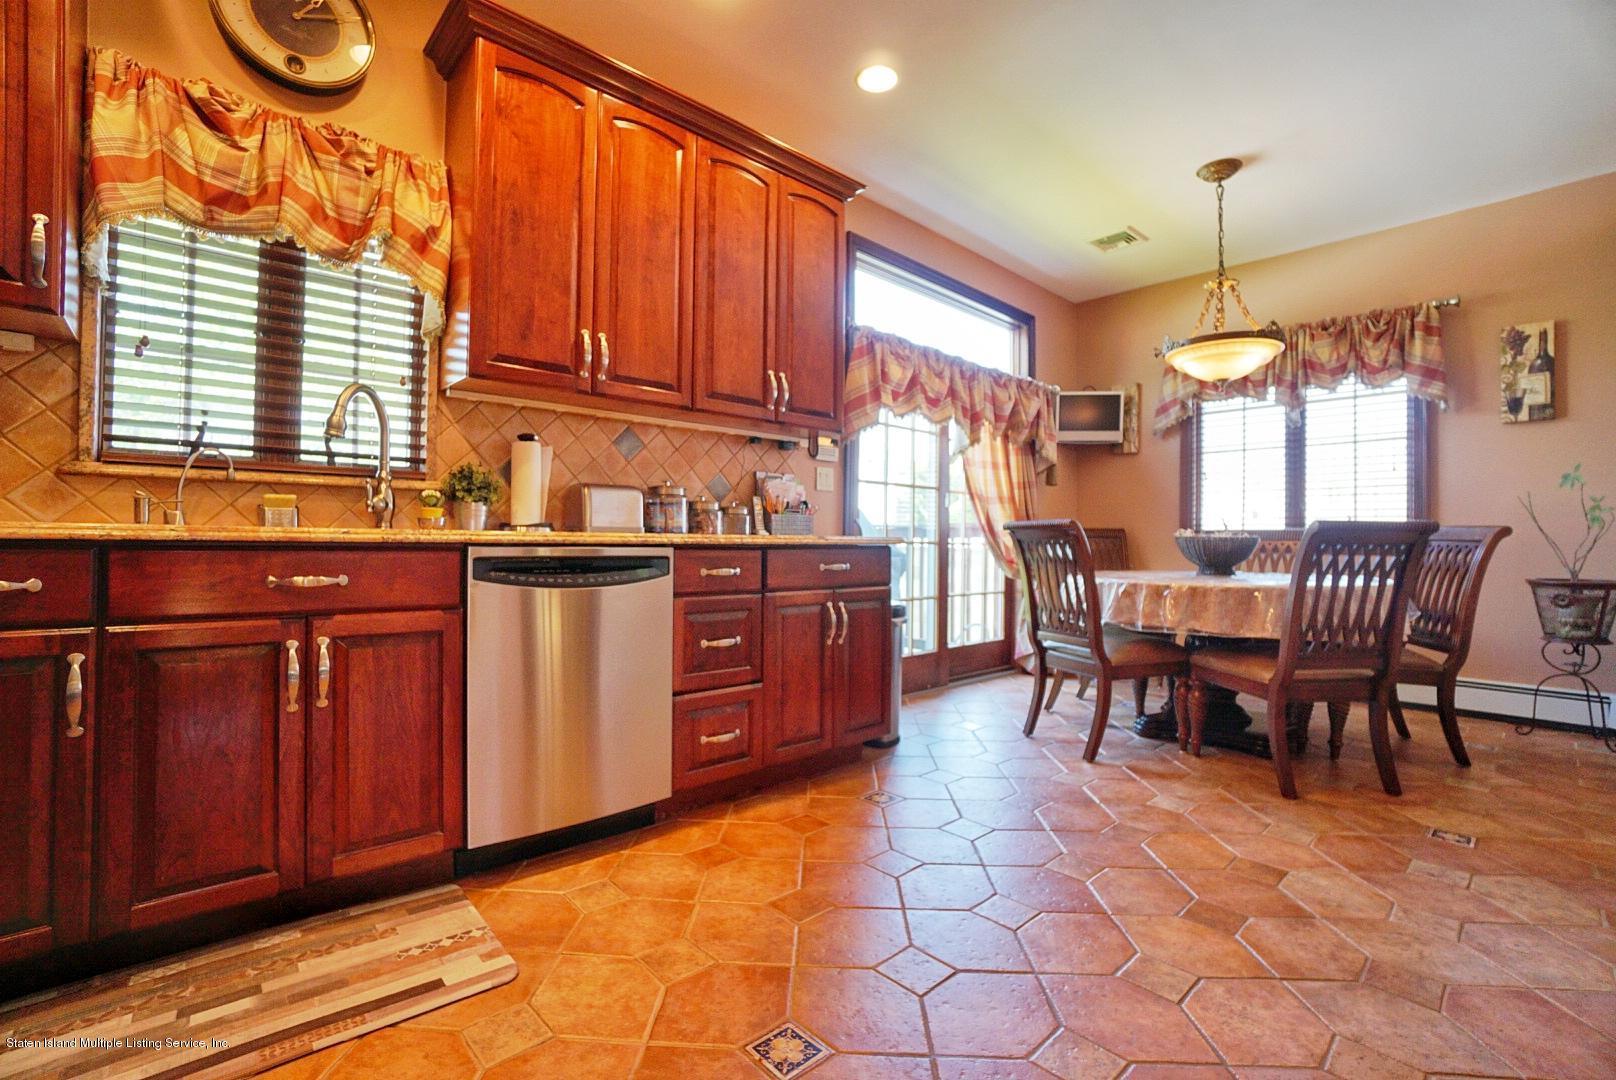 Single Family - Detached 337 Thomas Street  Staten Island, NY 10306, MLS-1129114-27